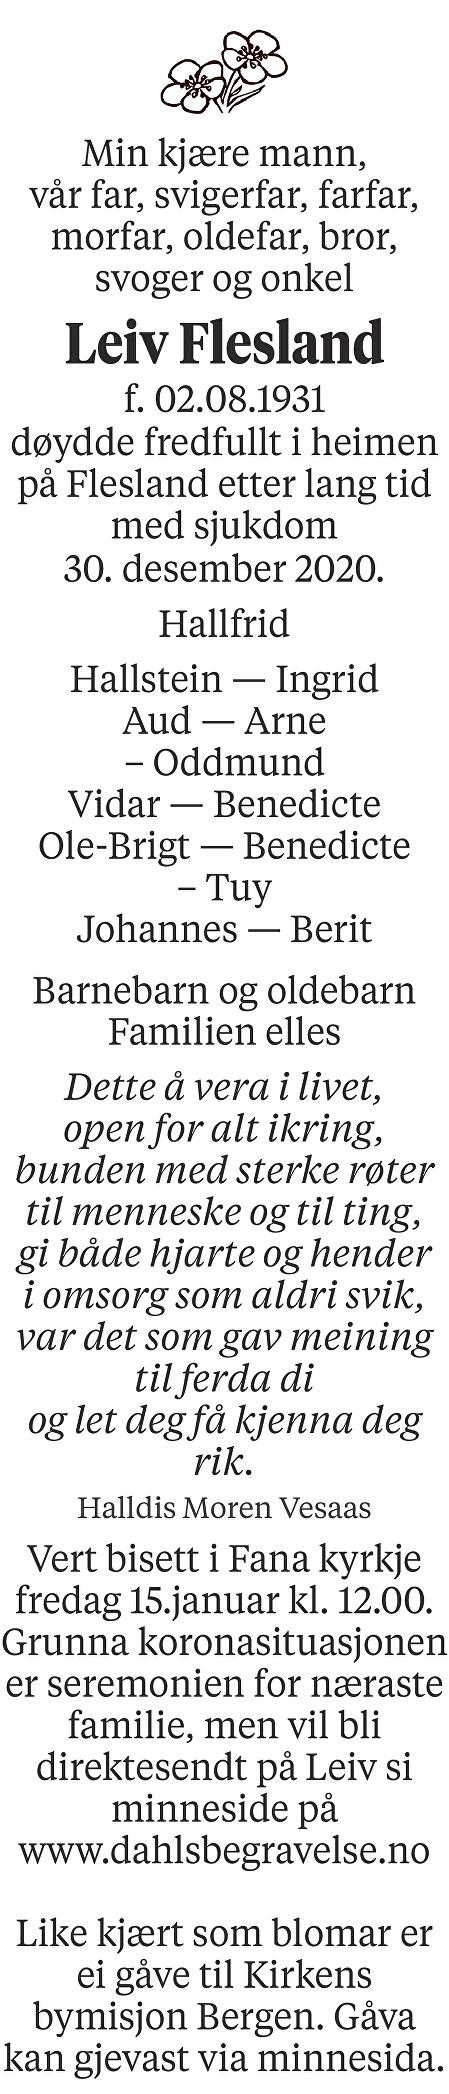 Leiv Flesland Dødsannonse